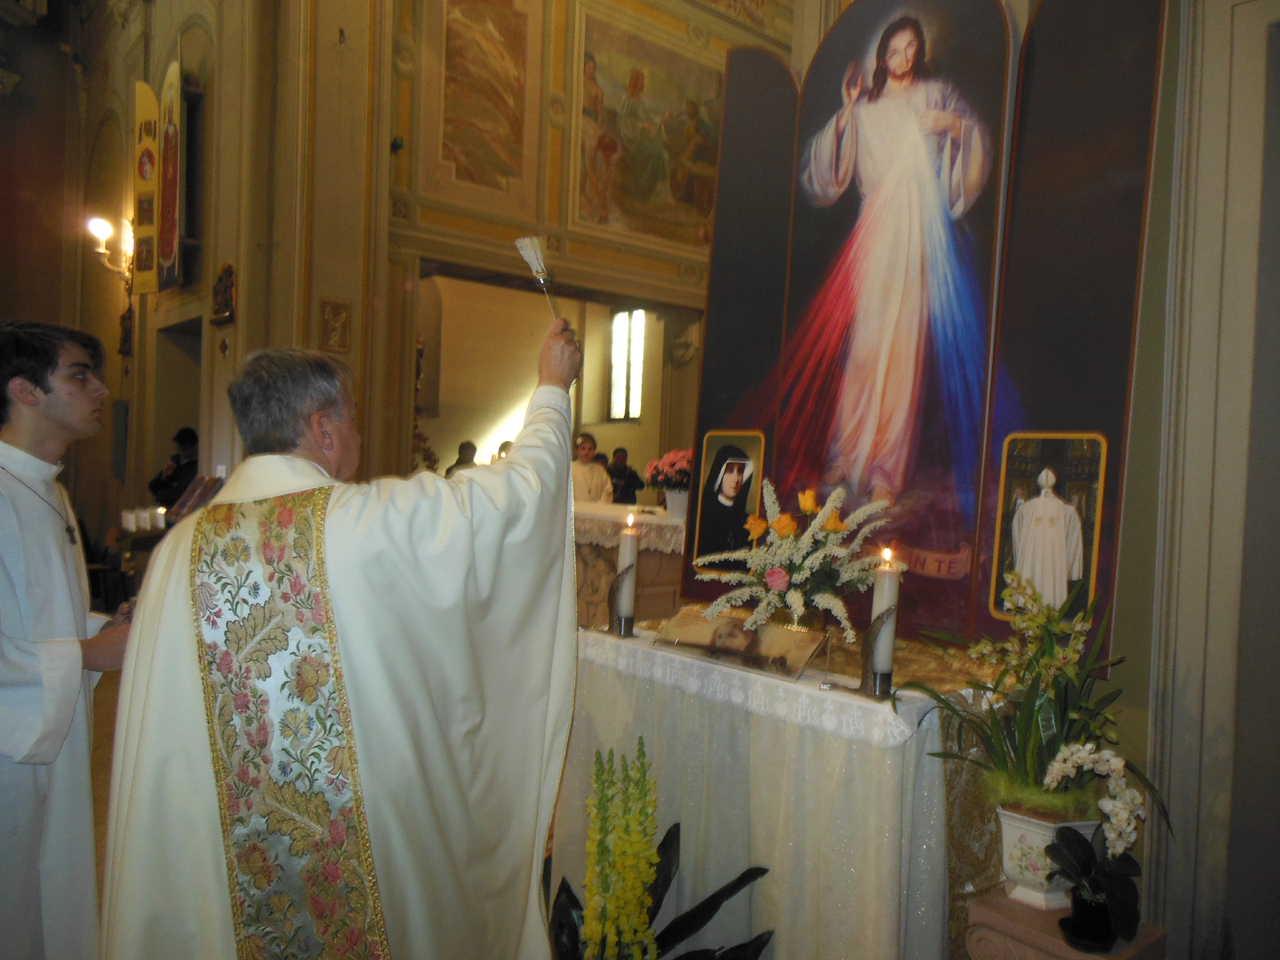 Terminata l'orazione di benedizione, don Mauro benedice con l'acqua santa l'icona.